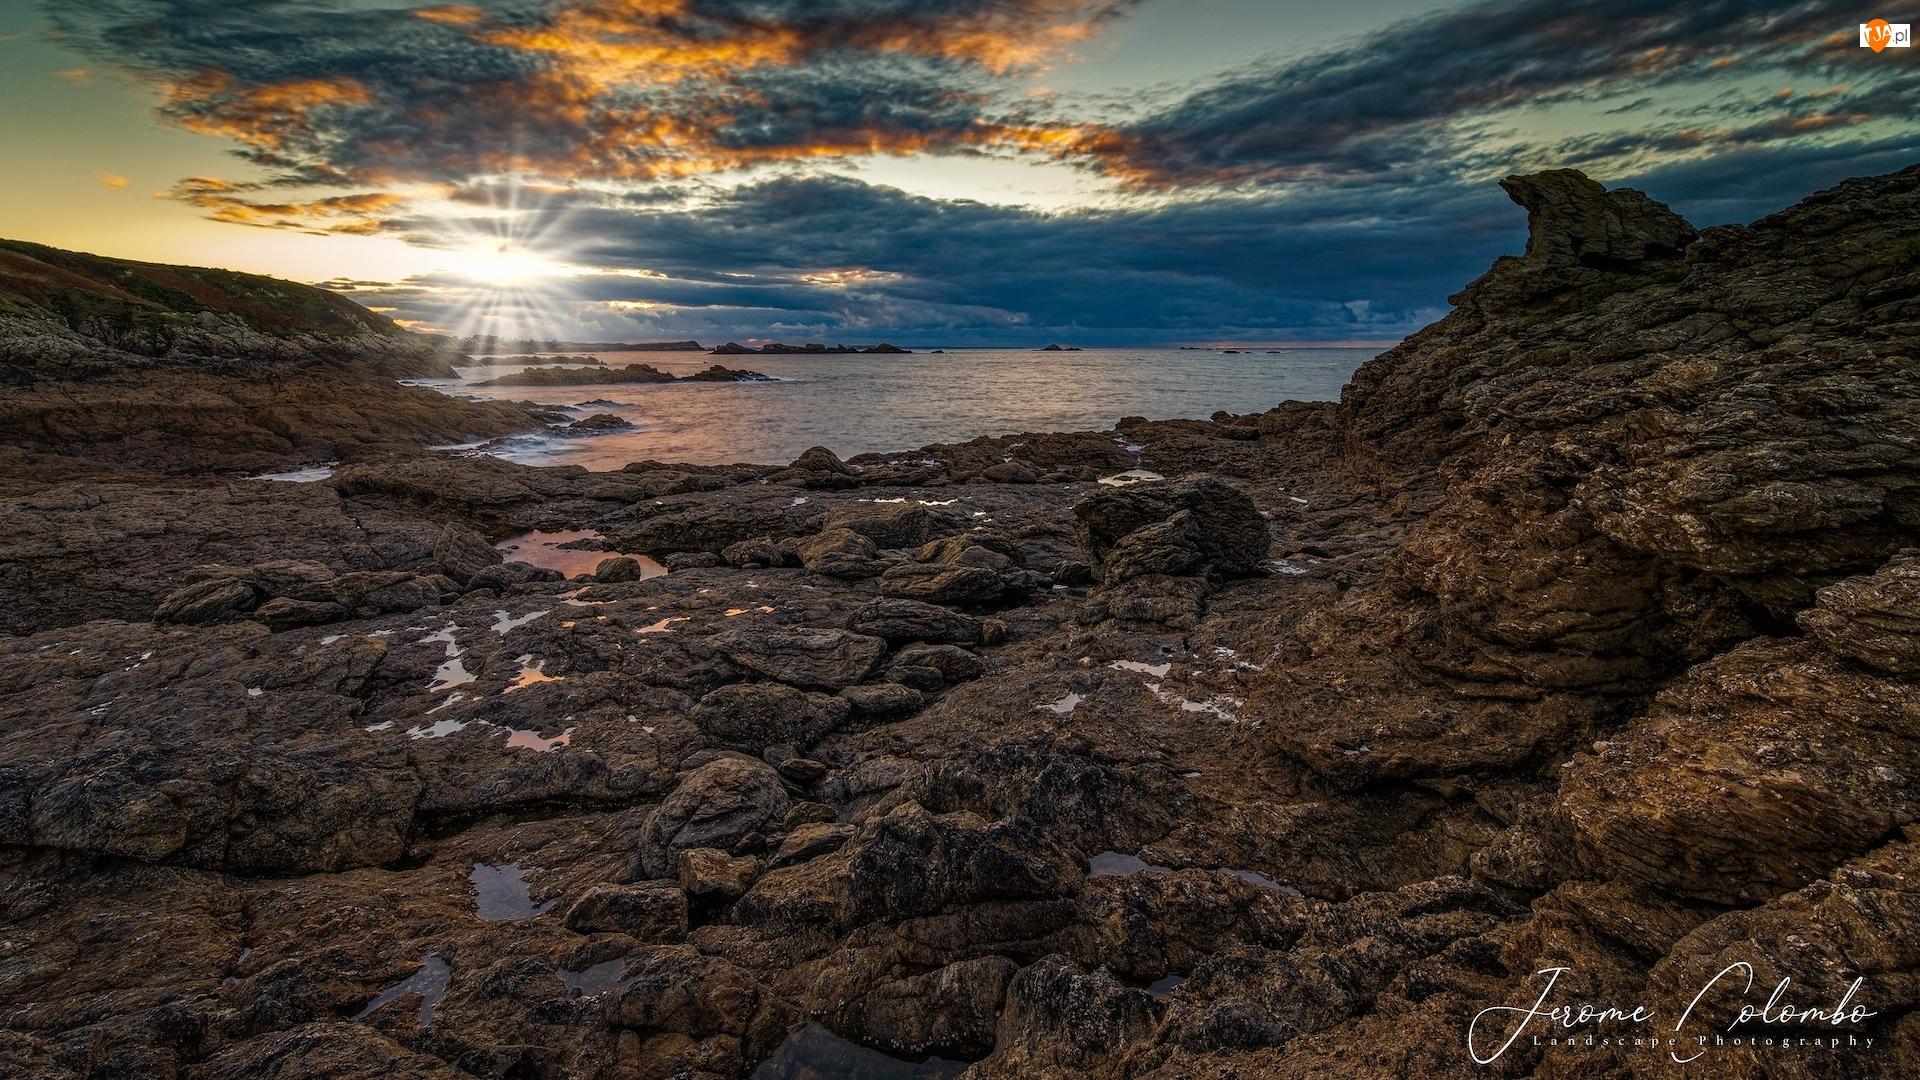 Bretania, Morze, Promienie słońca, Francja, Chmury, Skały, Wybrzeże